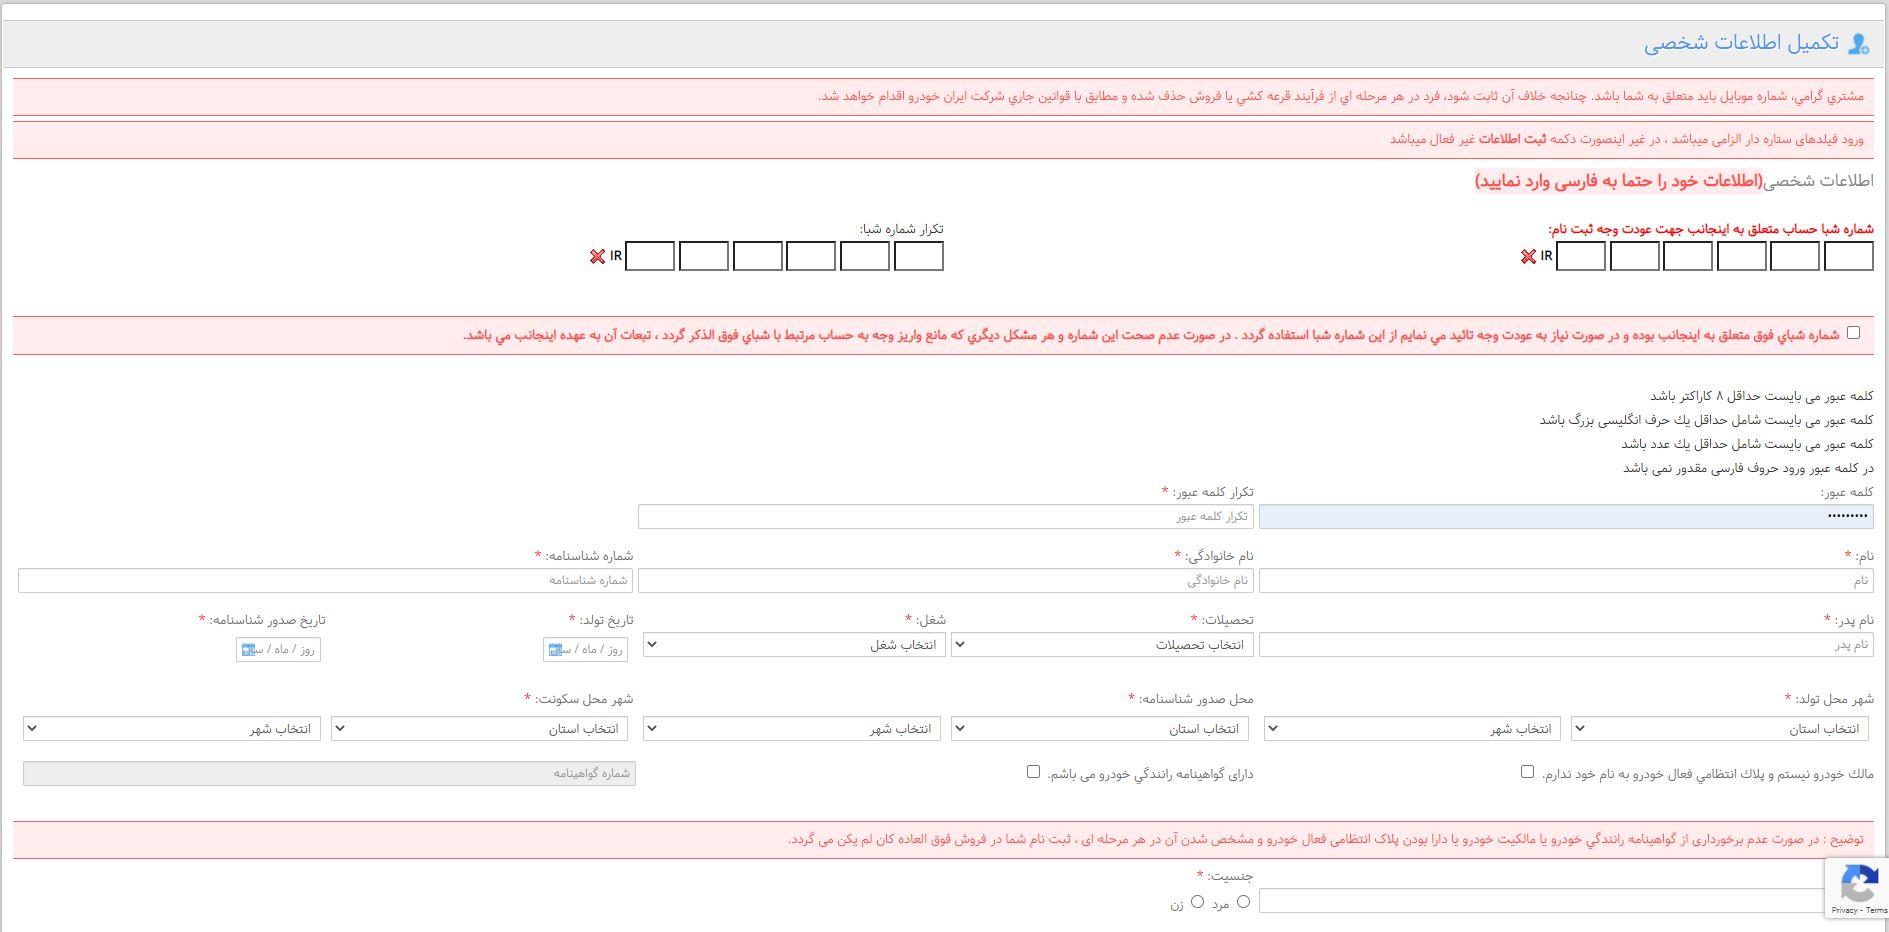 اطلاعات ثبت نام ایران خودرو